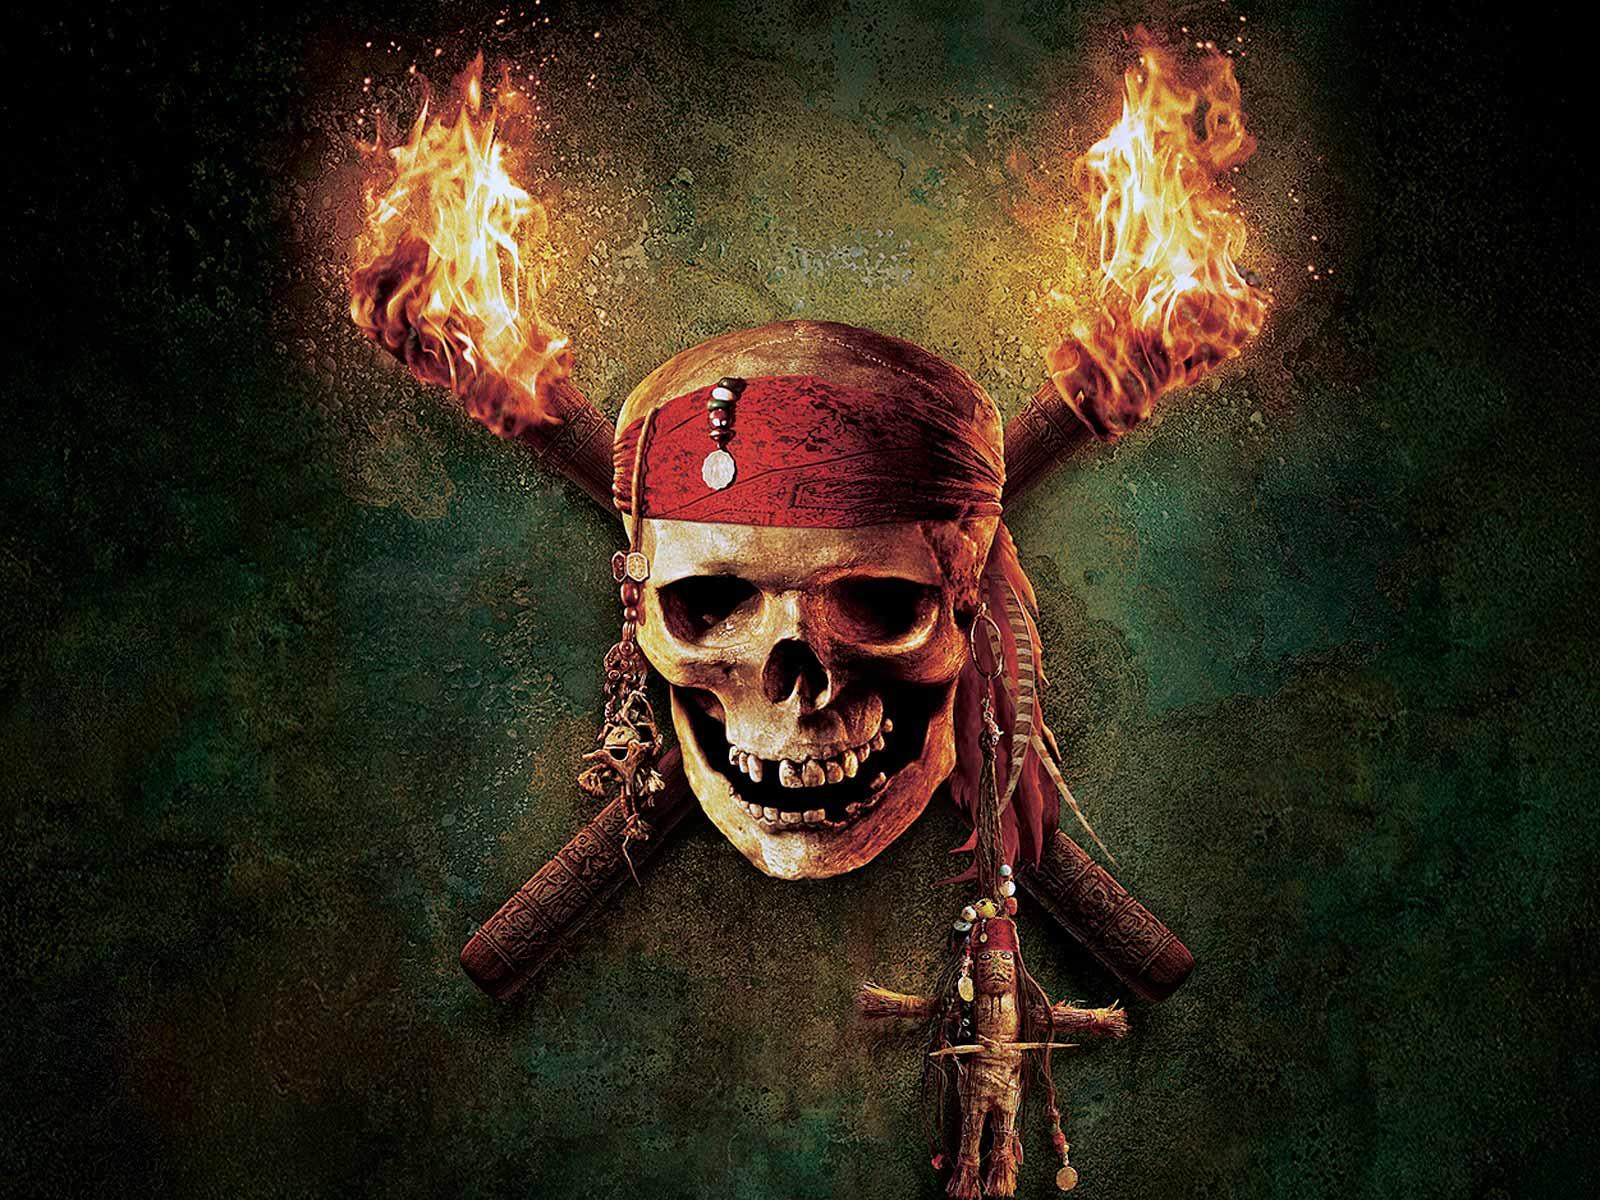 wallpaper hd piratas del caribe 001